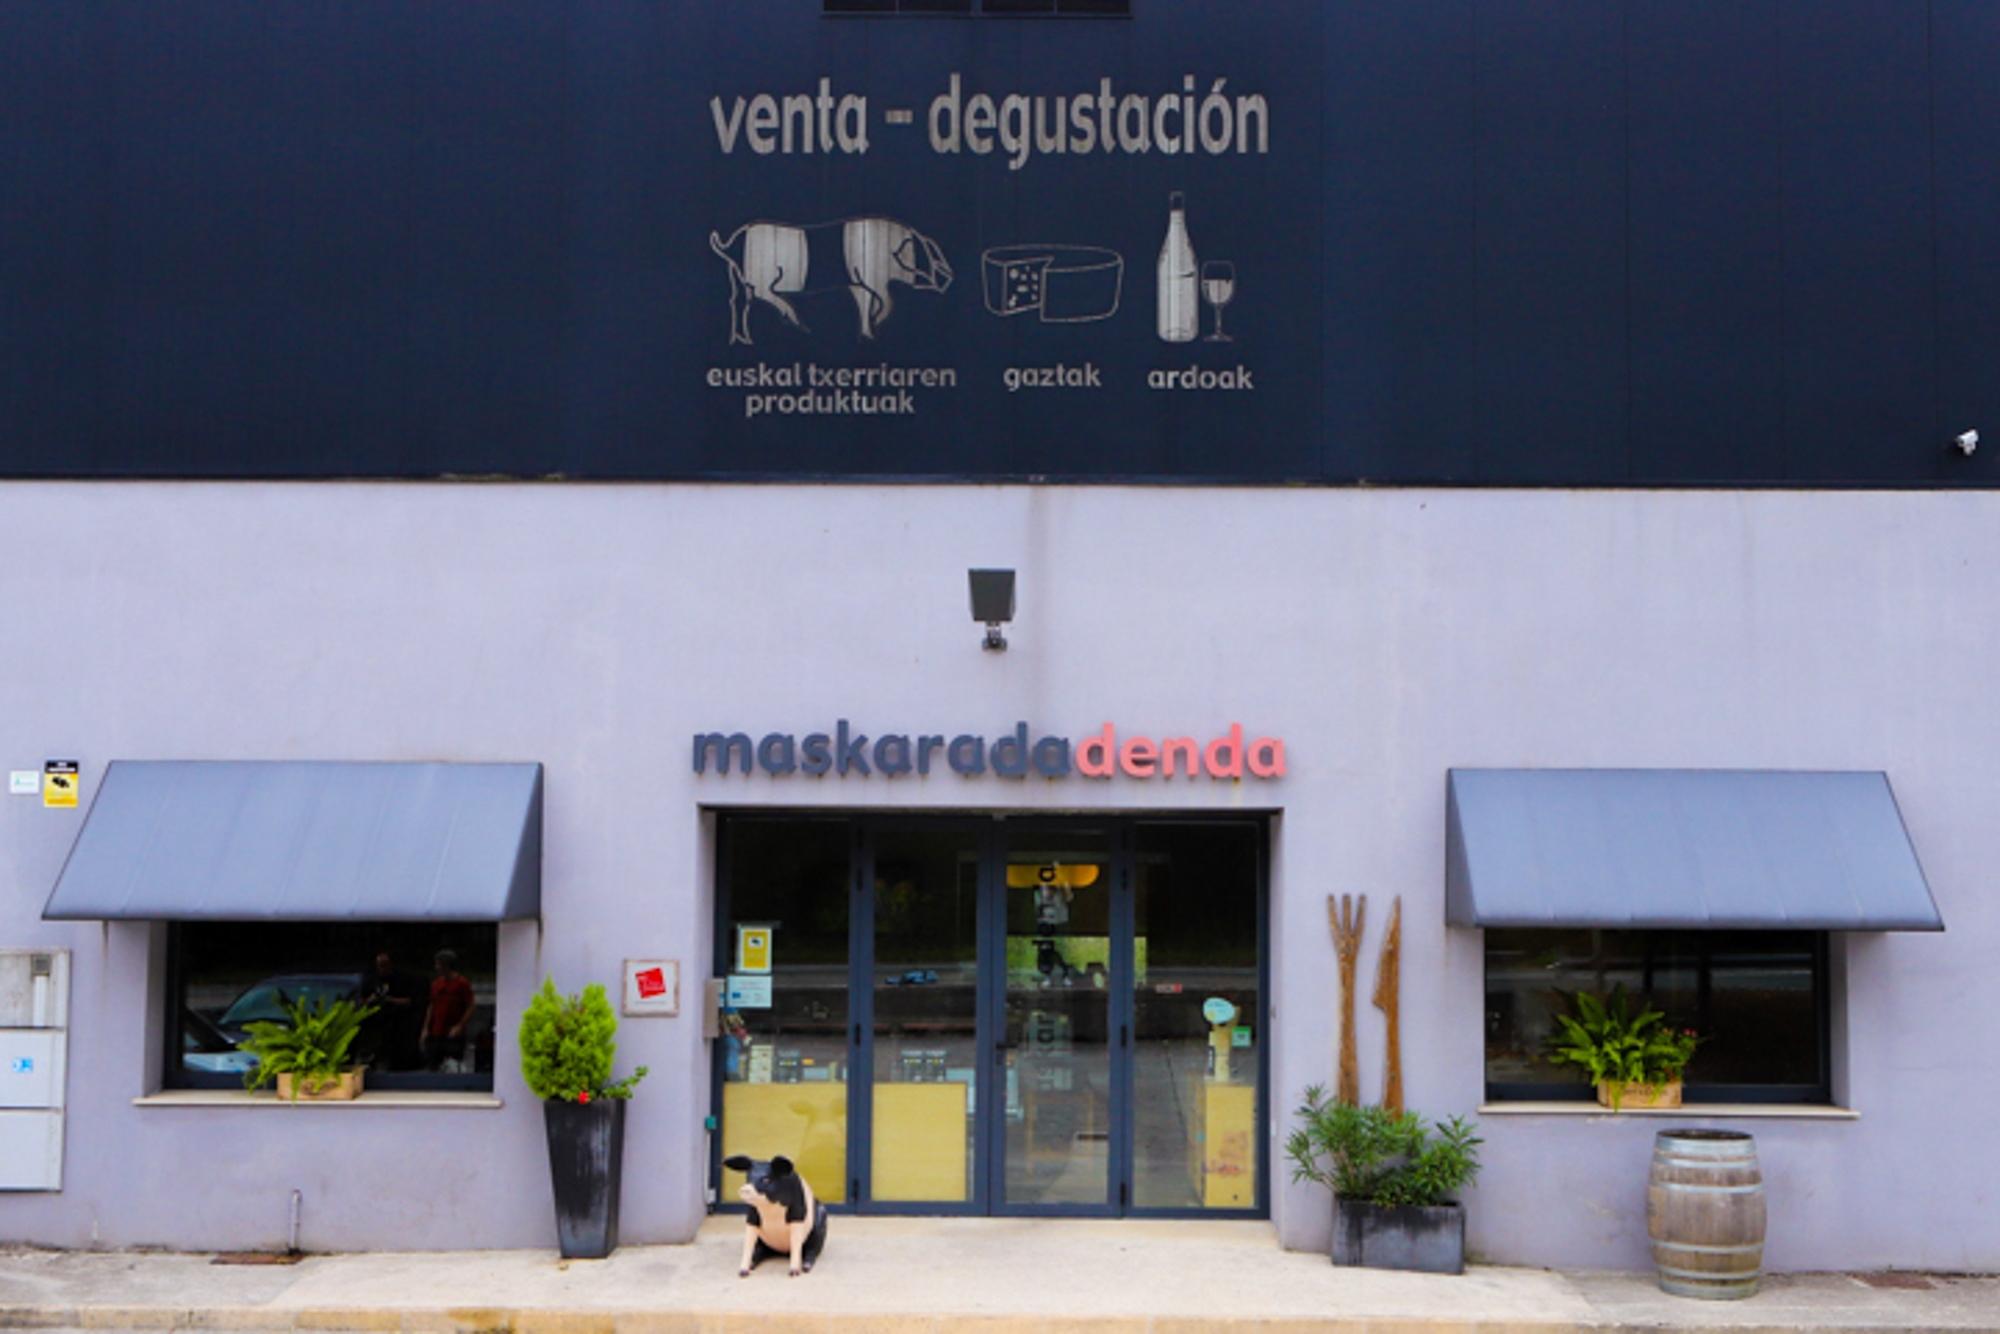 La tienda y restaurante de 'Maskarada' se encuentran a pie de granja.